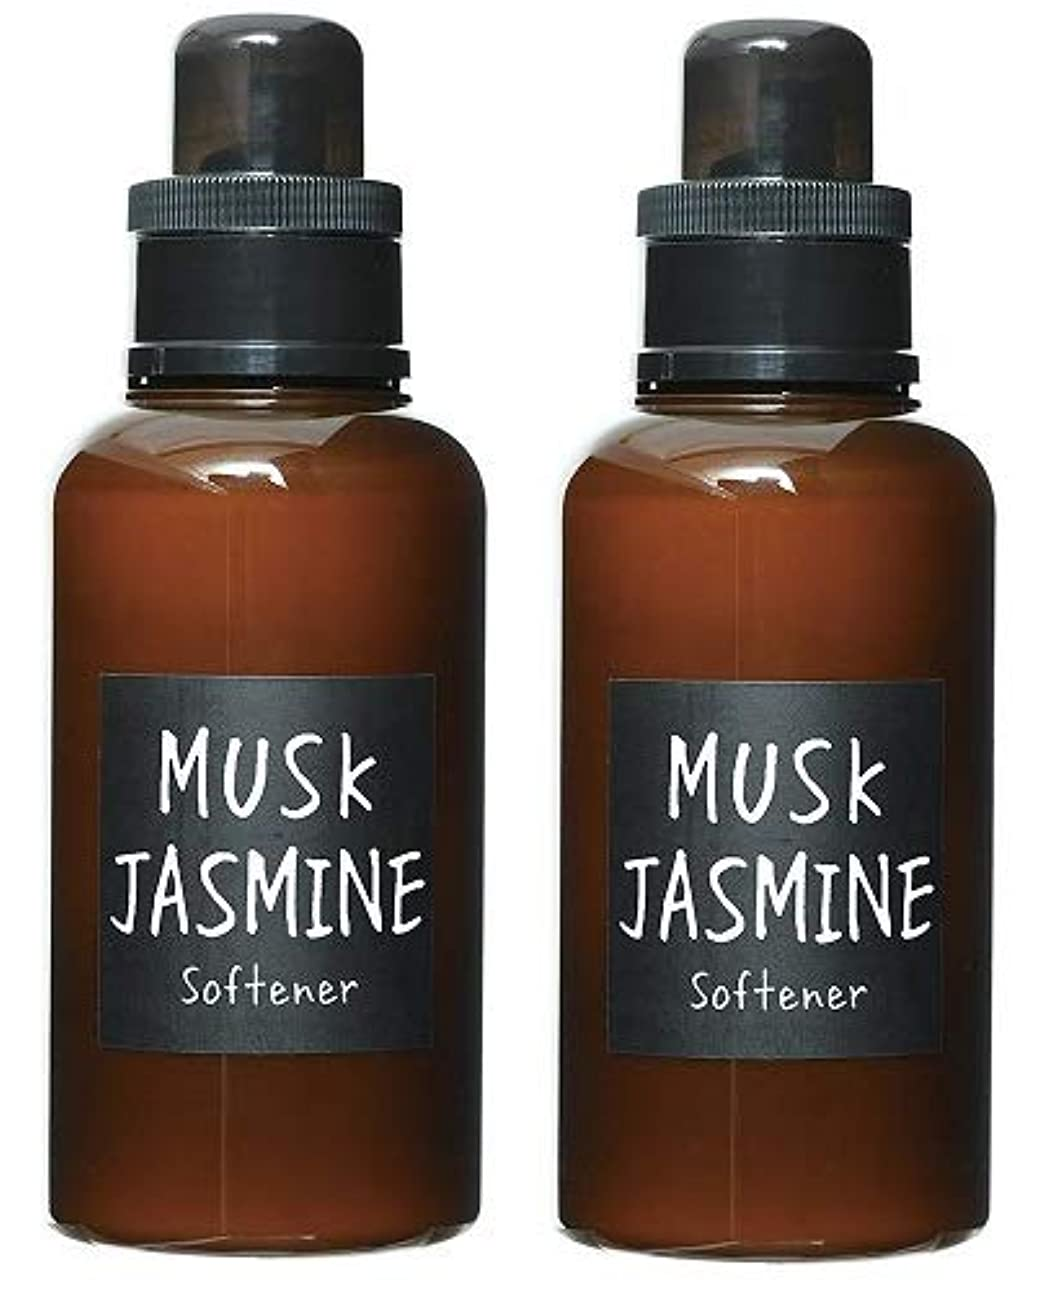 セラフ落ち着かない裁量【2個セット】ジョンズブレンド 柔軟剤 ソフナー 510ml ムスクジャスミンの香り OA-JON-15-6【2個セット】